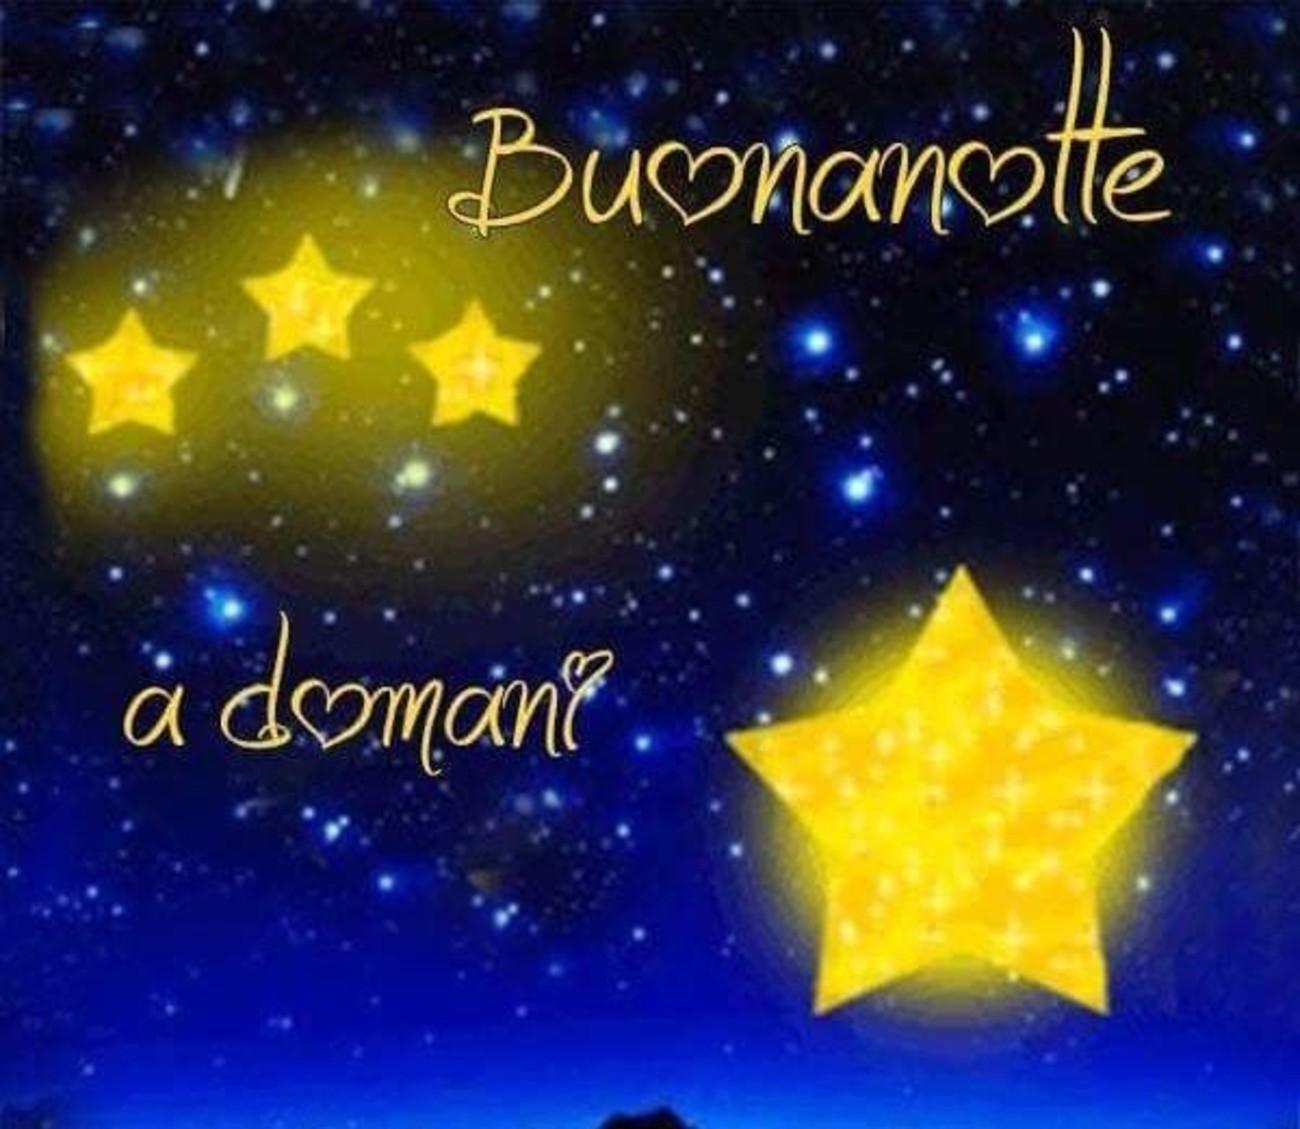 Buonanotte Immagini Nuove Gratis 1 Buongiornoate It